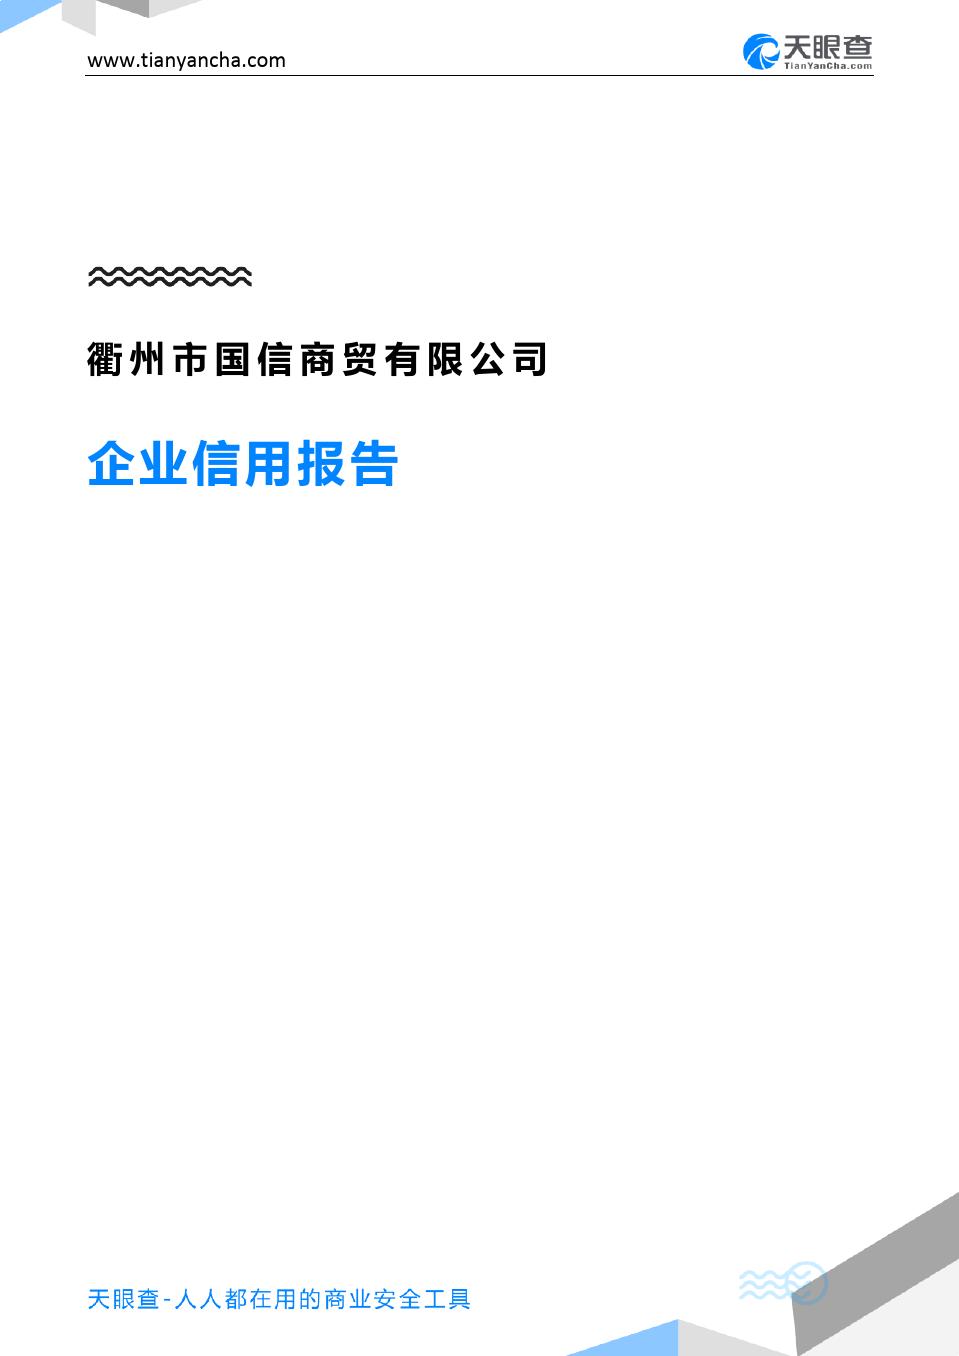 衢州市国信商贸有限公司(企业信用报告)- 天眼查